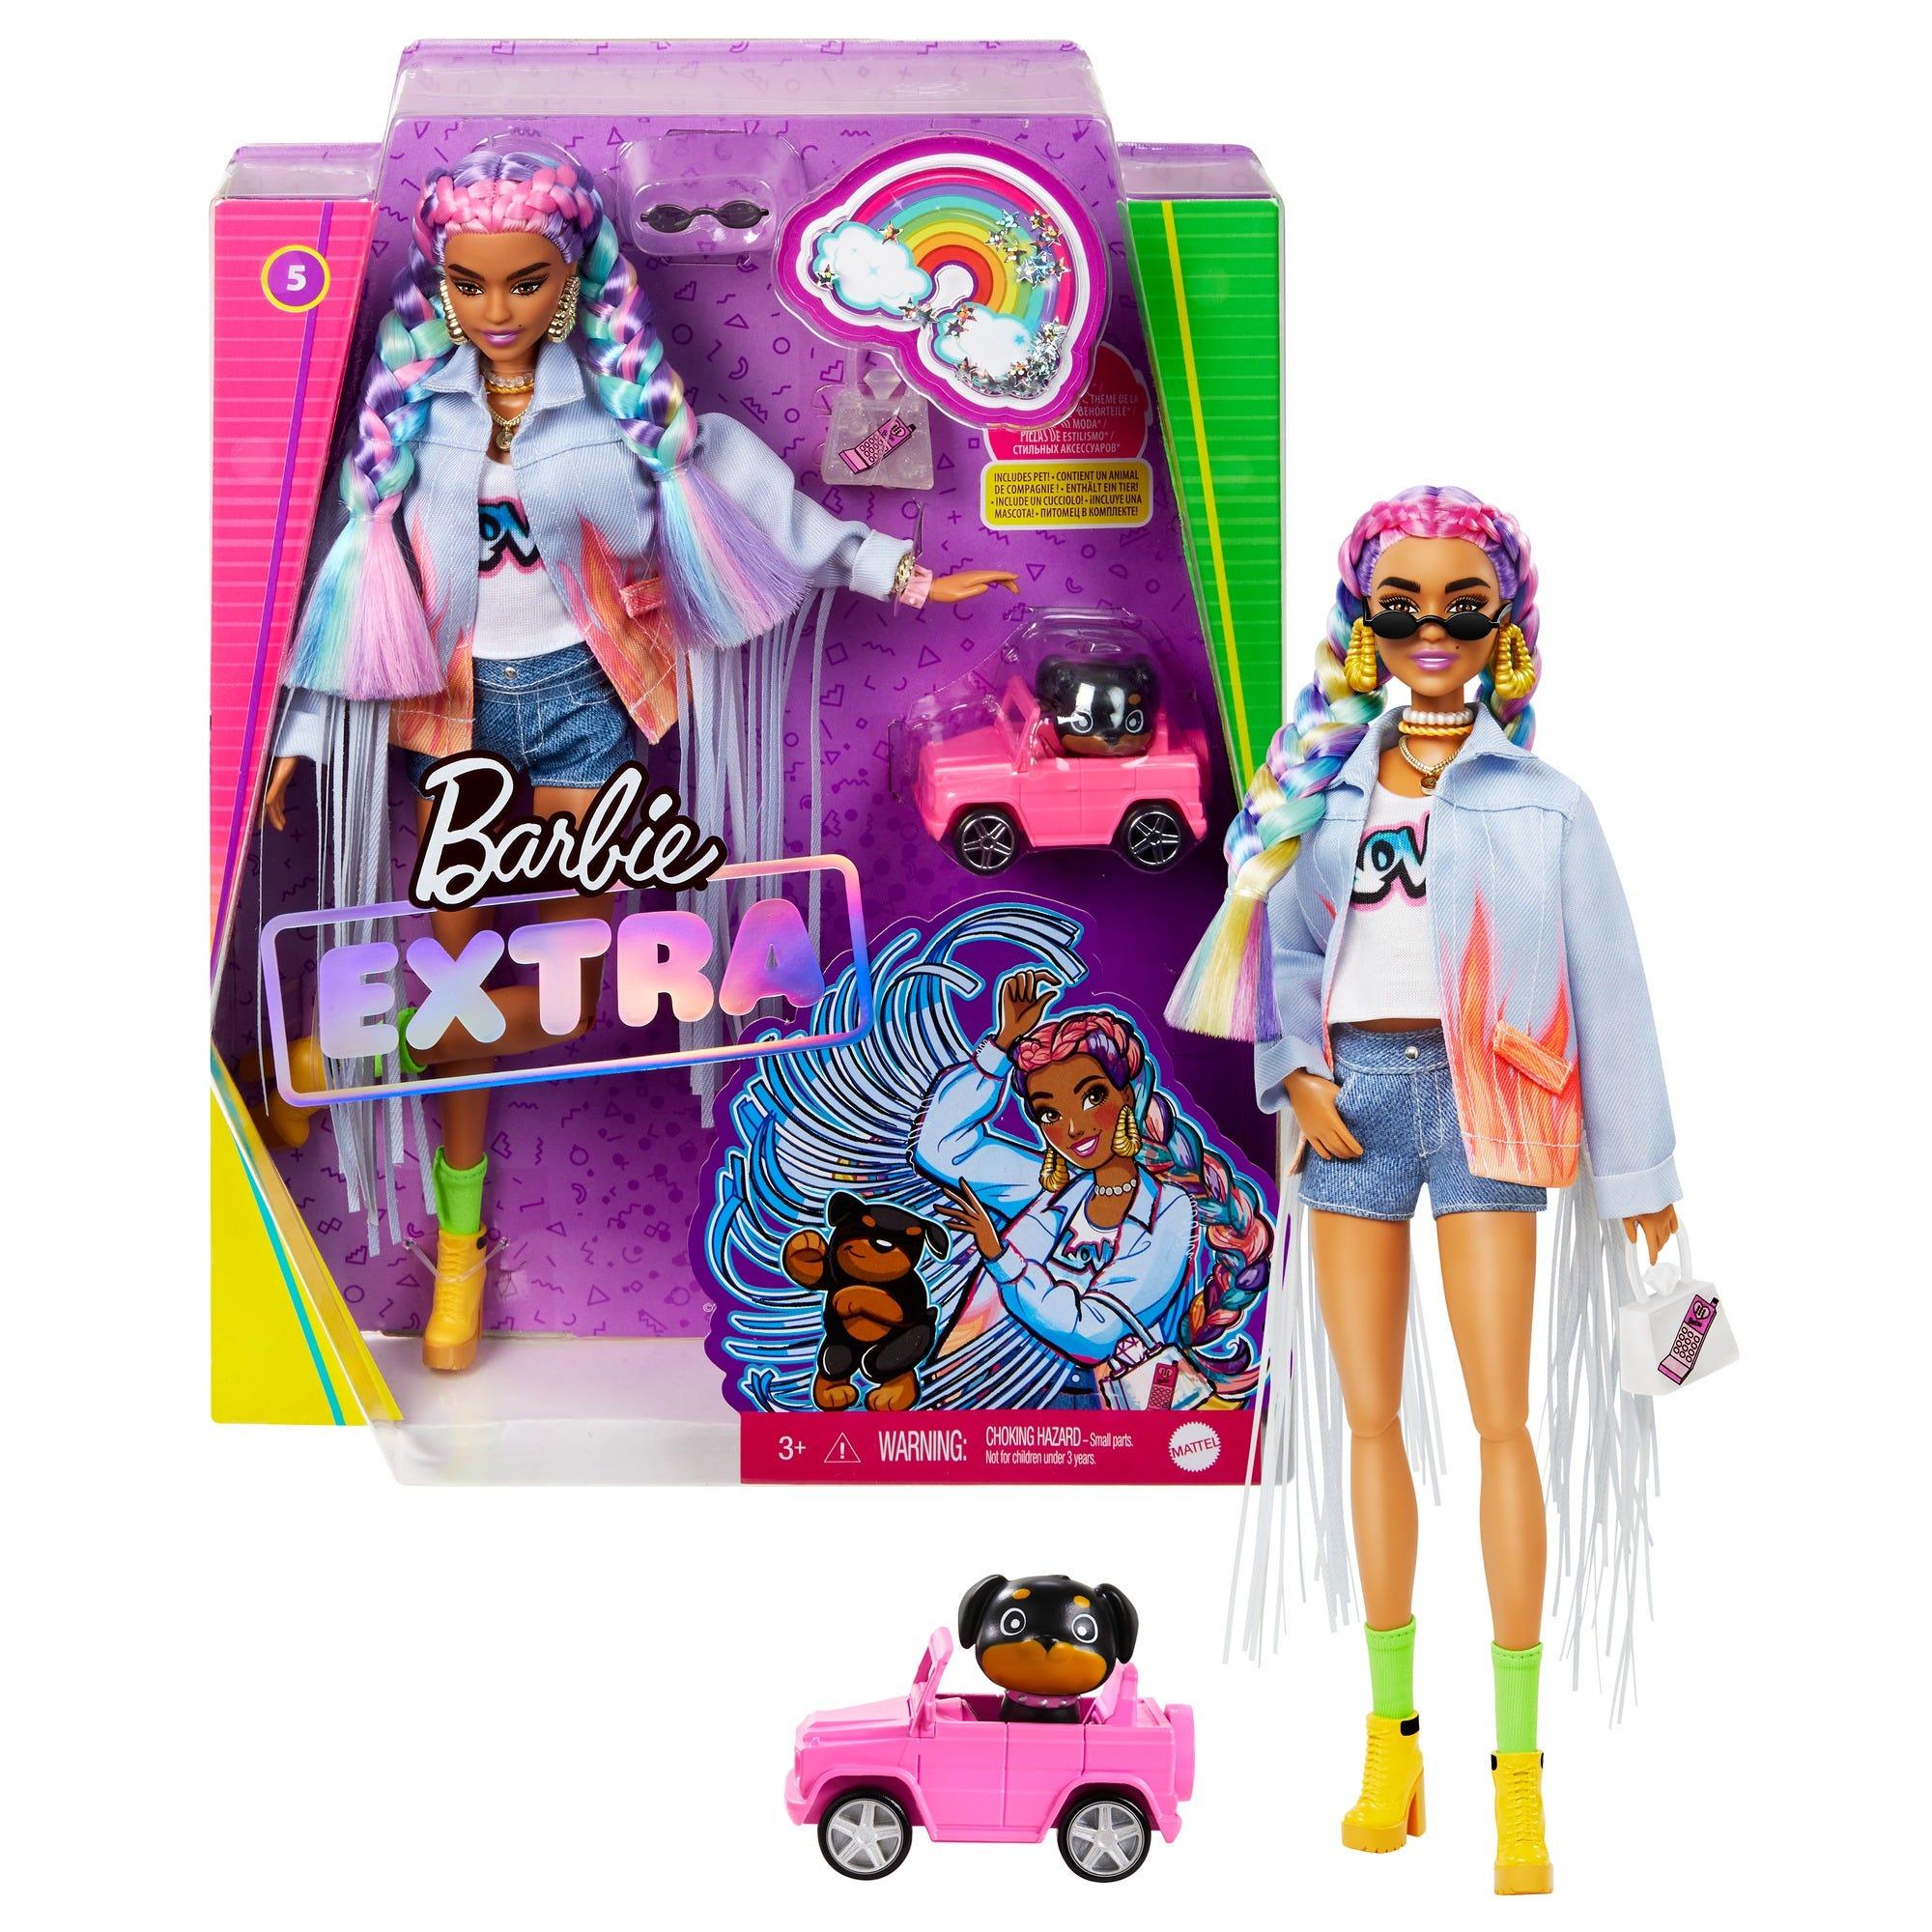 Barbie Extra Assortment